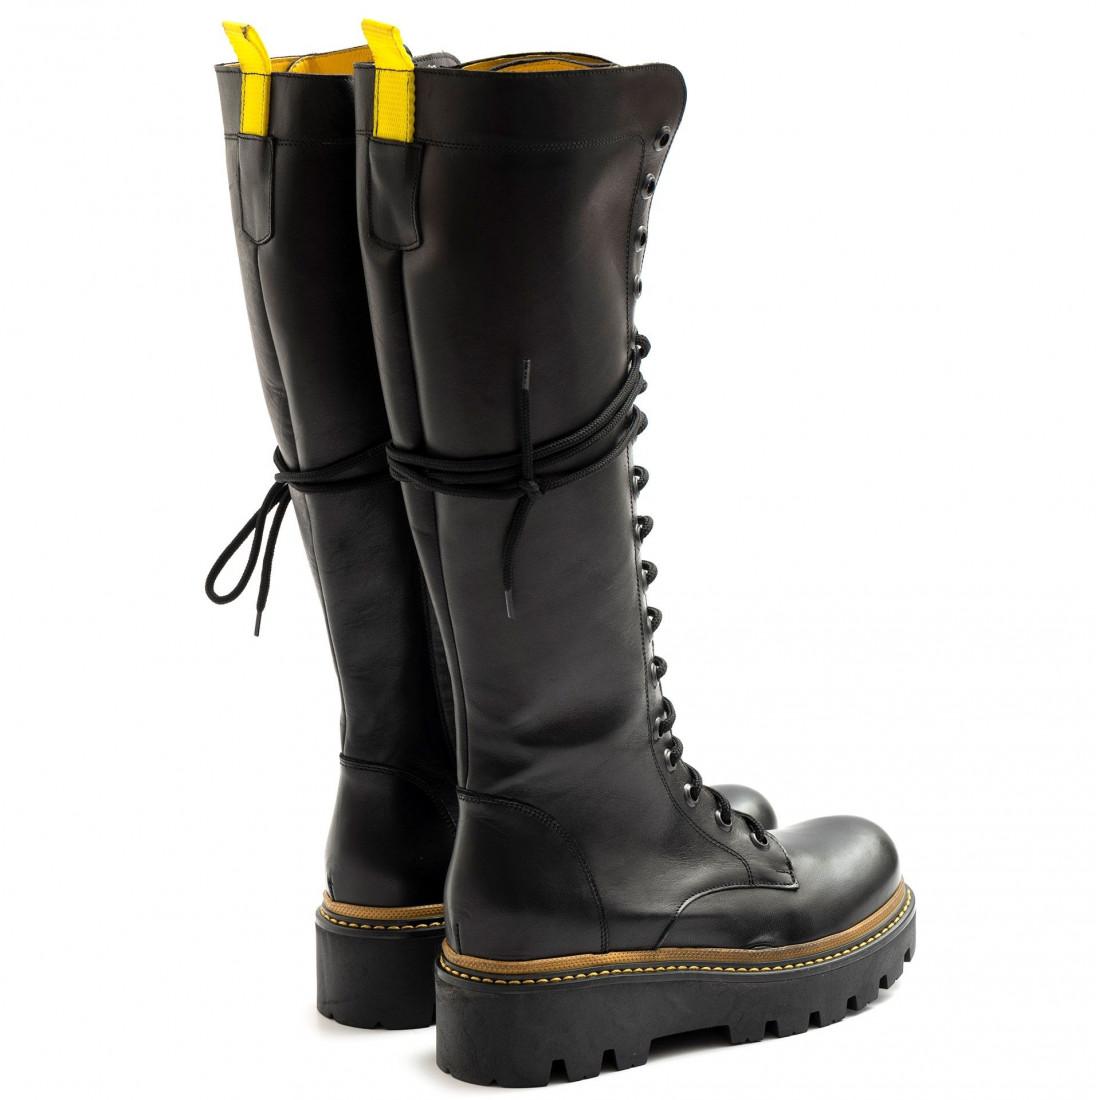 military boots woman zoe boston01vit nero giallo 8045